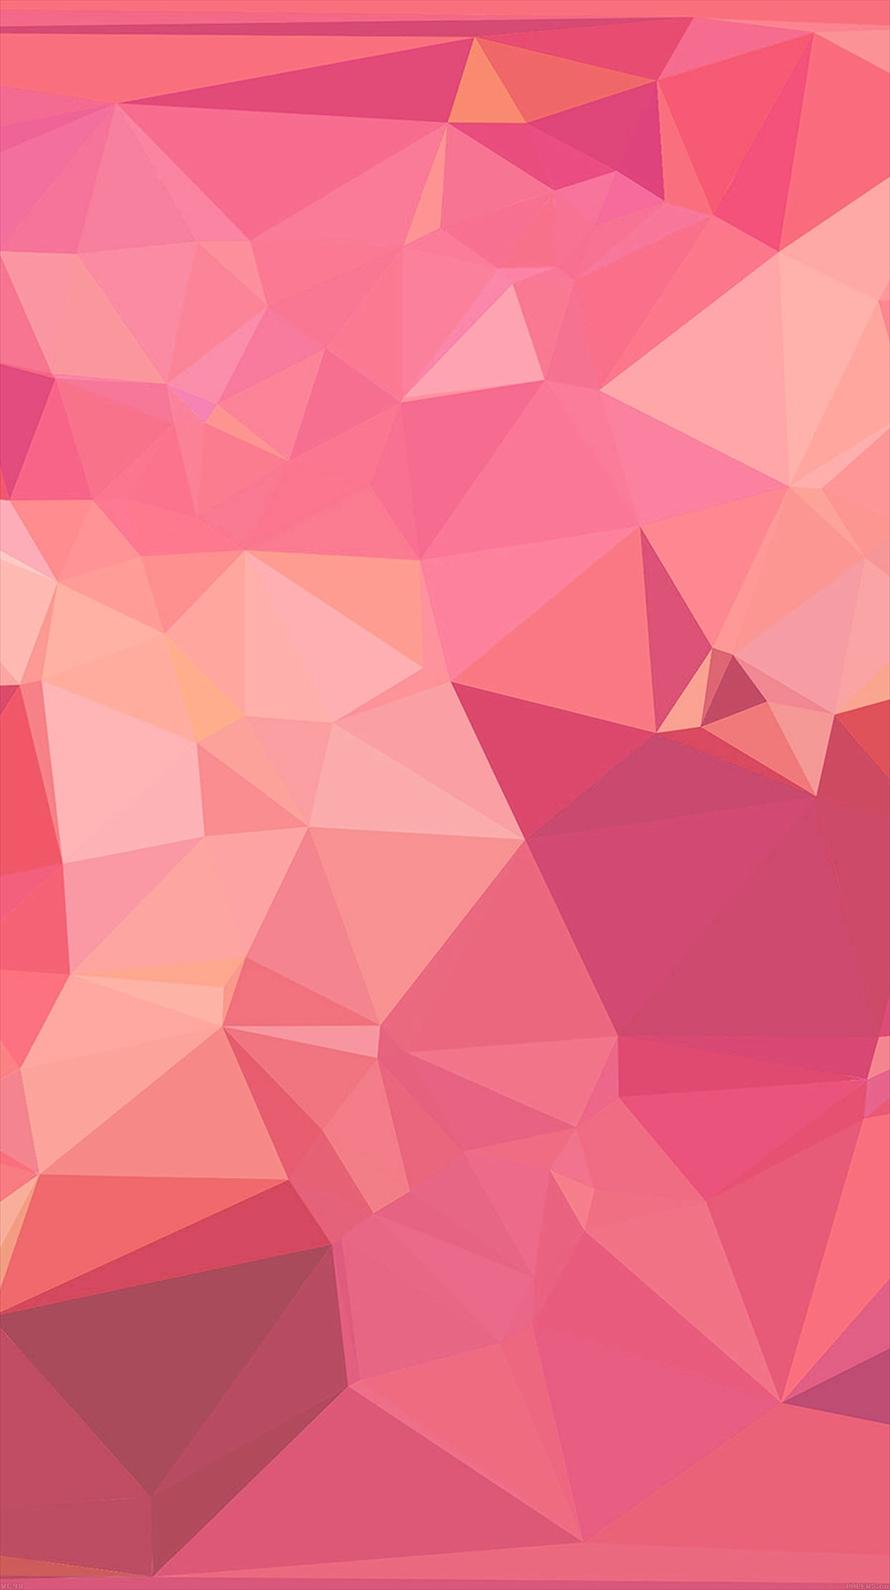 ポップなピンクのポリゴン iPhone6壁紙